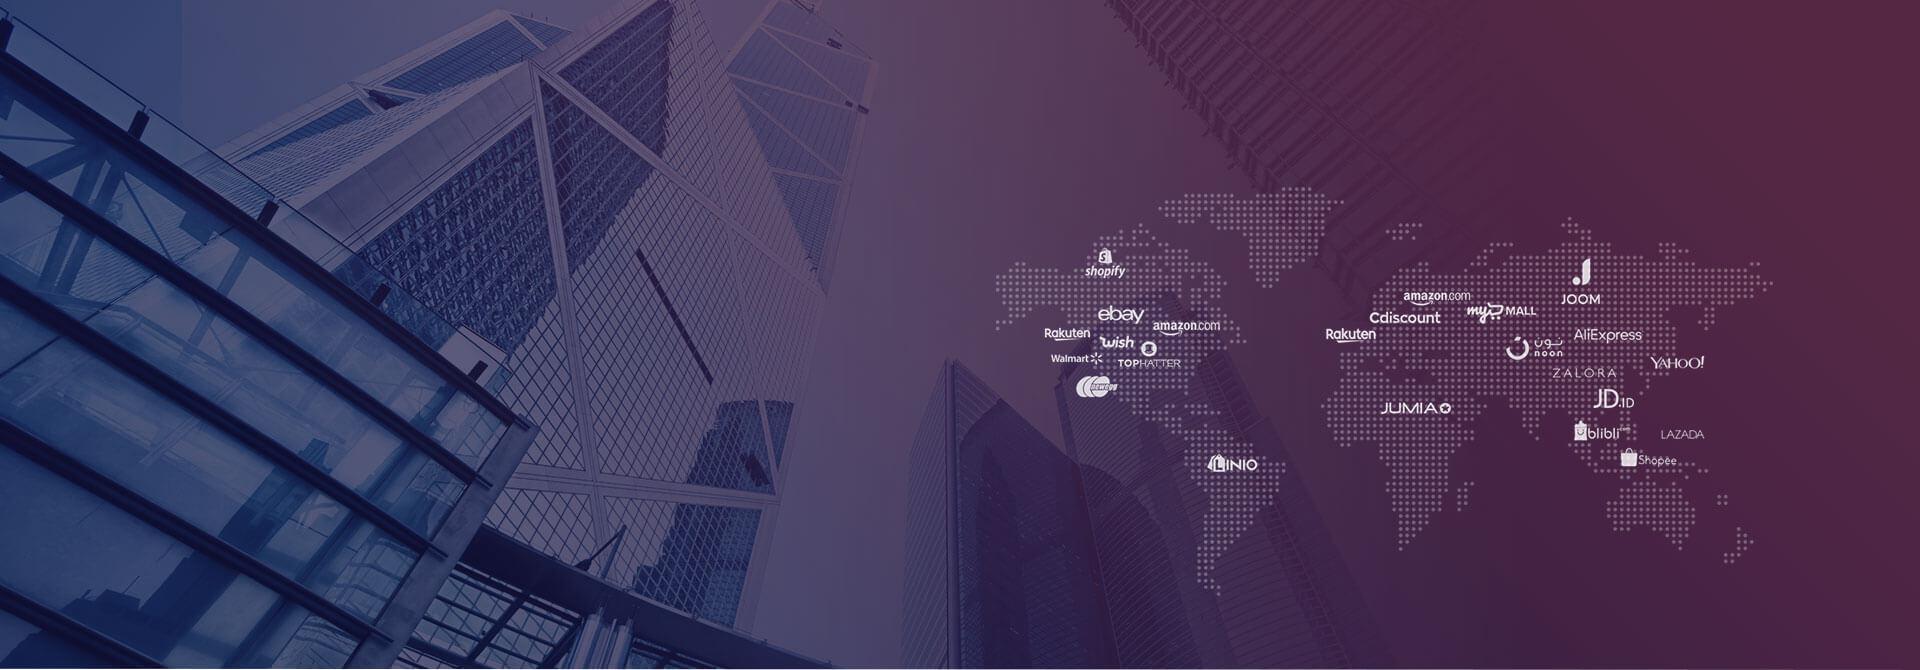 Payoneer 橄榄枝计划 – 绿色通道入驻全球电商平台